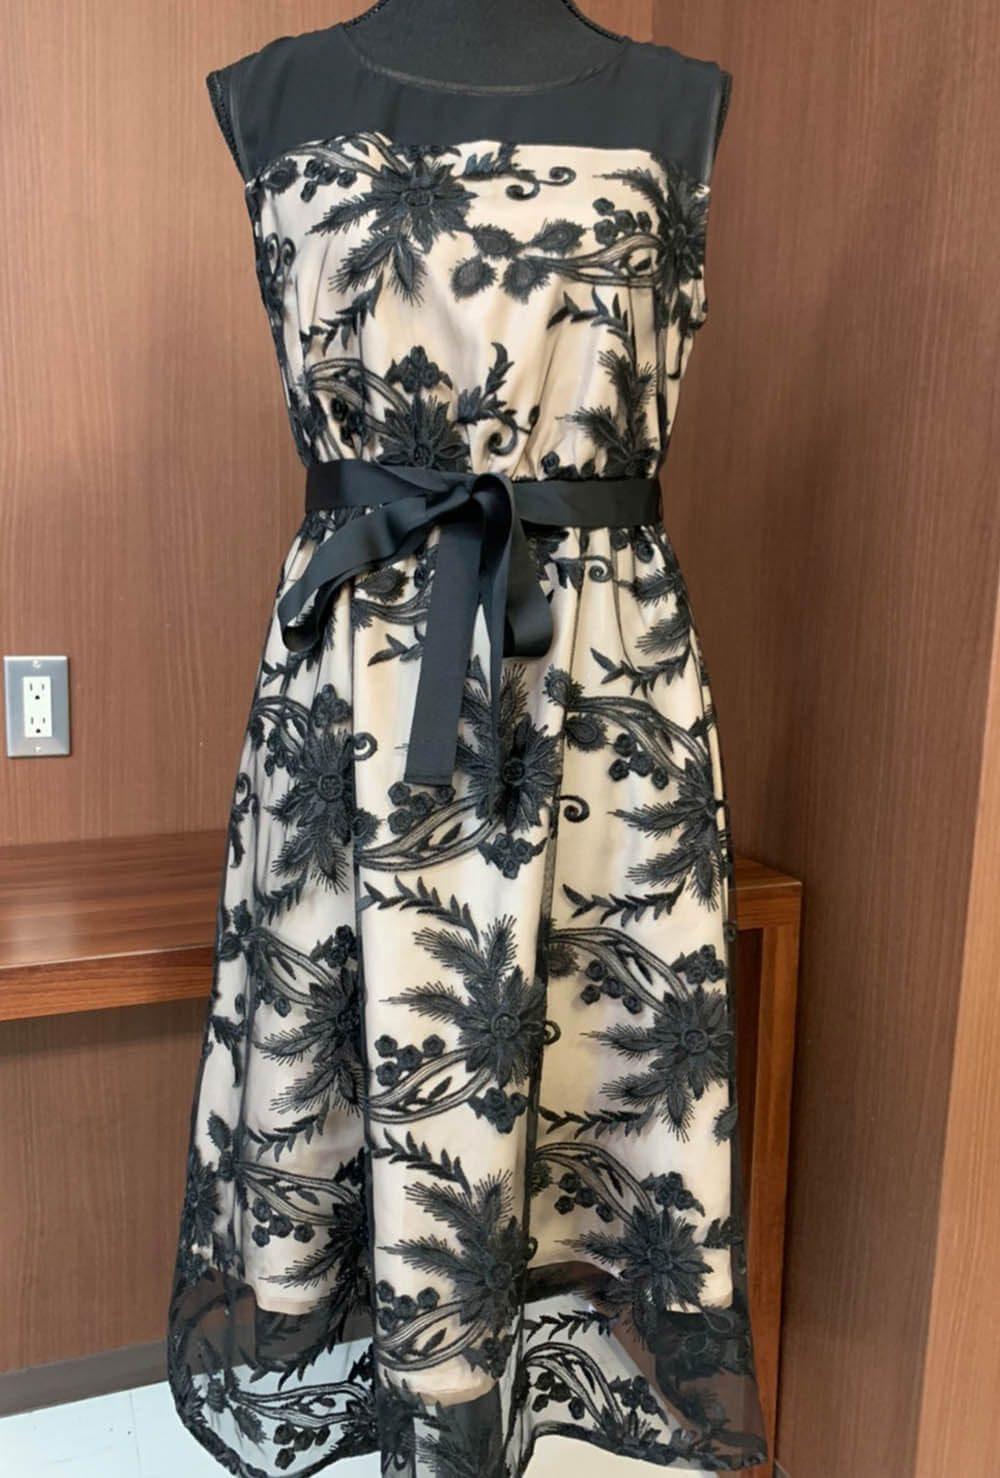 ボタニカルなモチーフのドレス